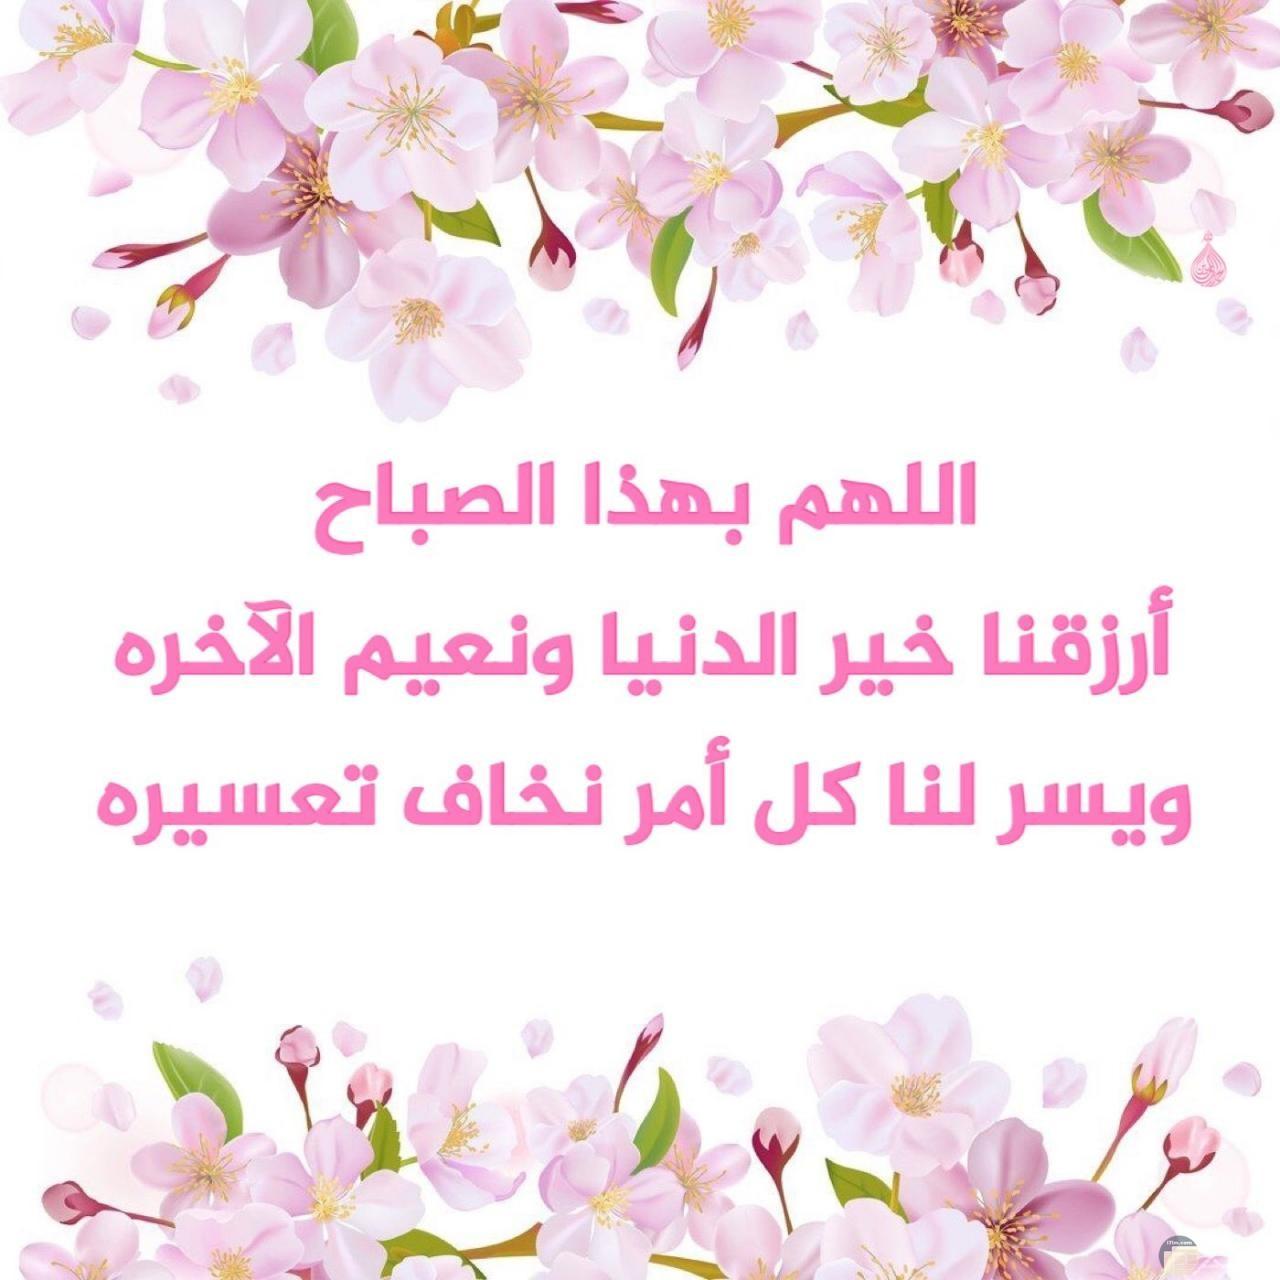 اللهم بهذا الصباح أرزقنا خير الدنيا